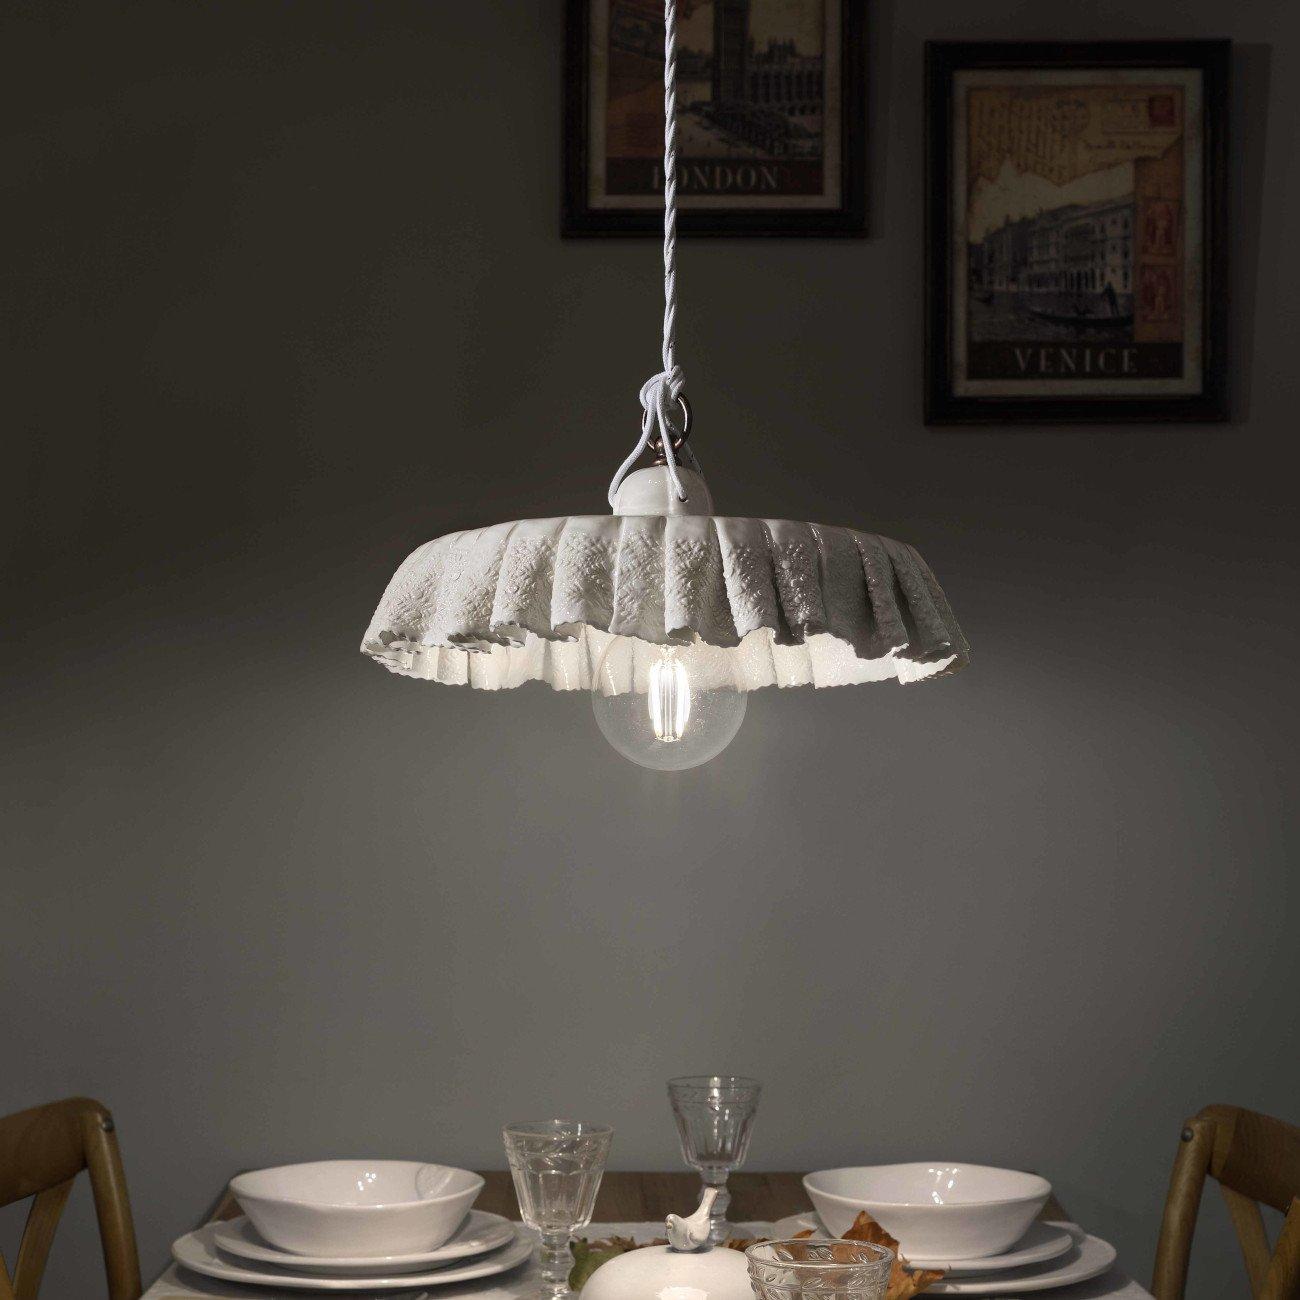 ausgefallene pendelleuchte mit keramikschirm in tuchoptik. Black Bedroom Furniture Sets. Home Design Ideas